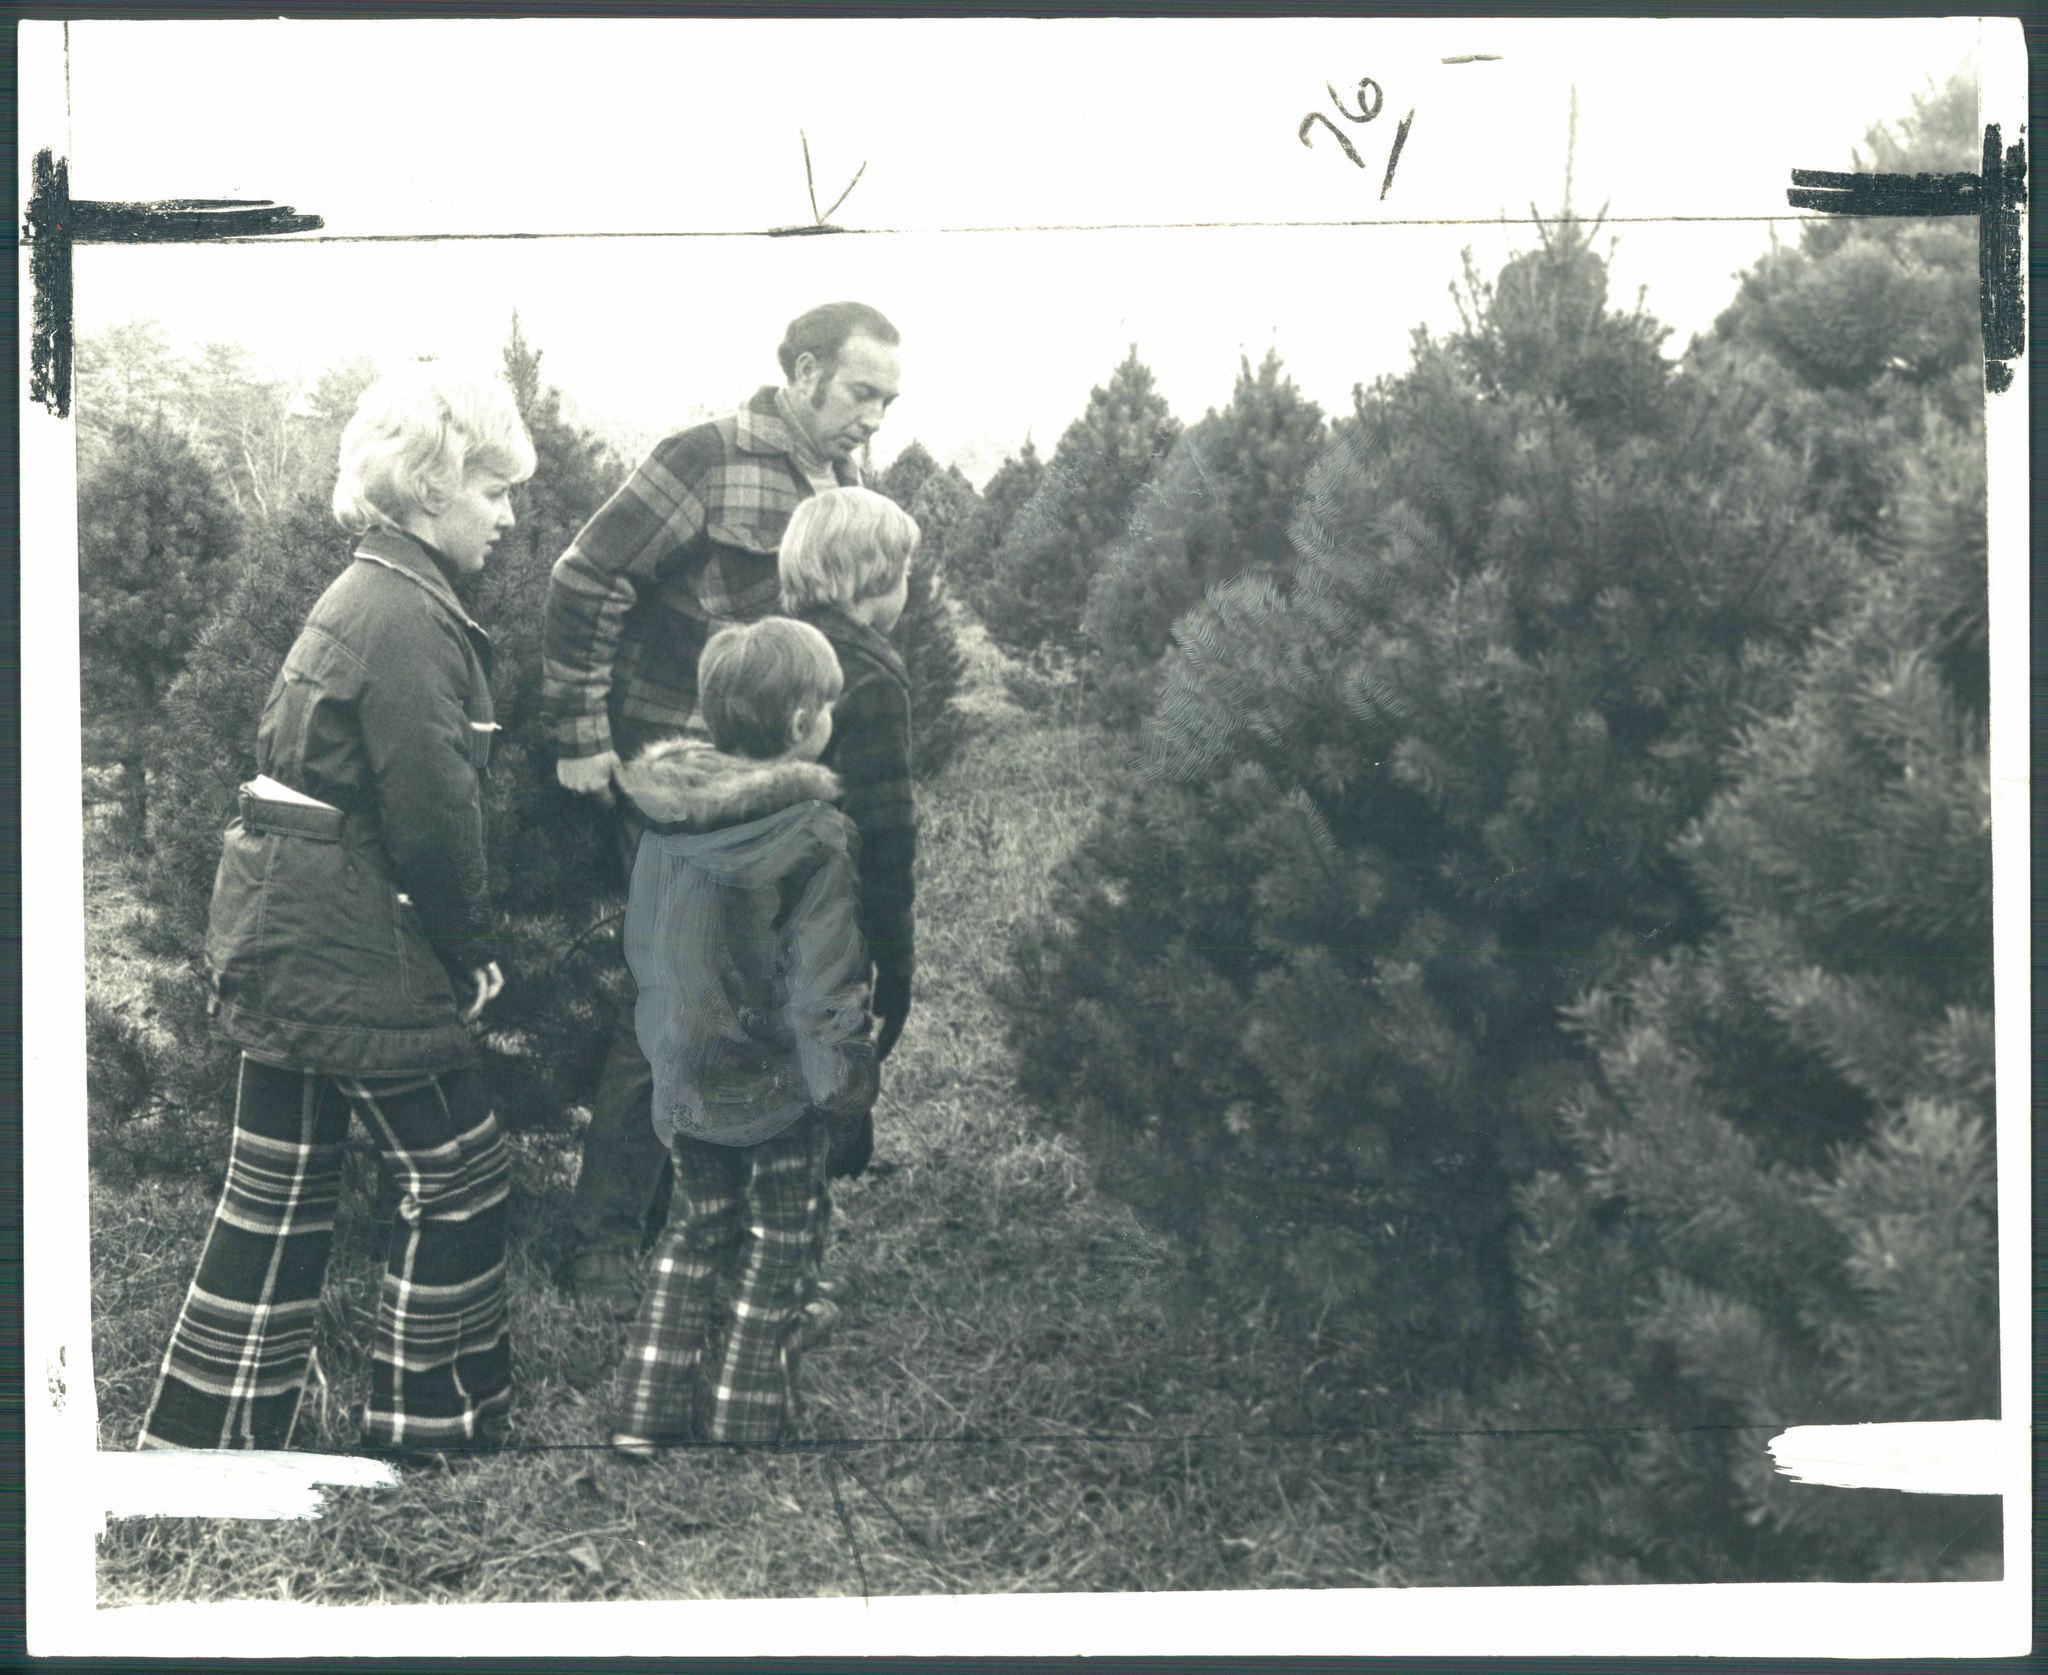 Retro Baltimore, O Christmas tree...